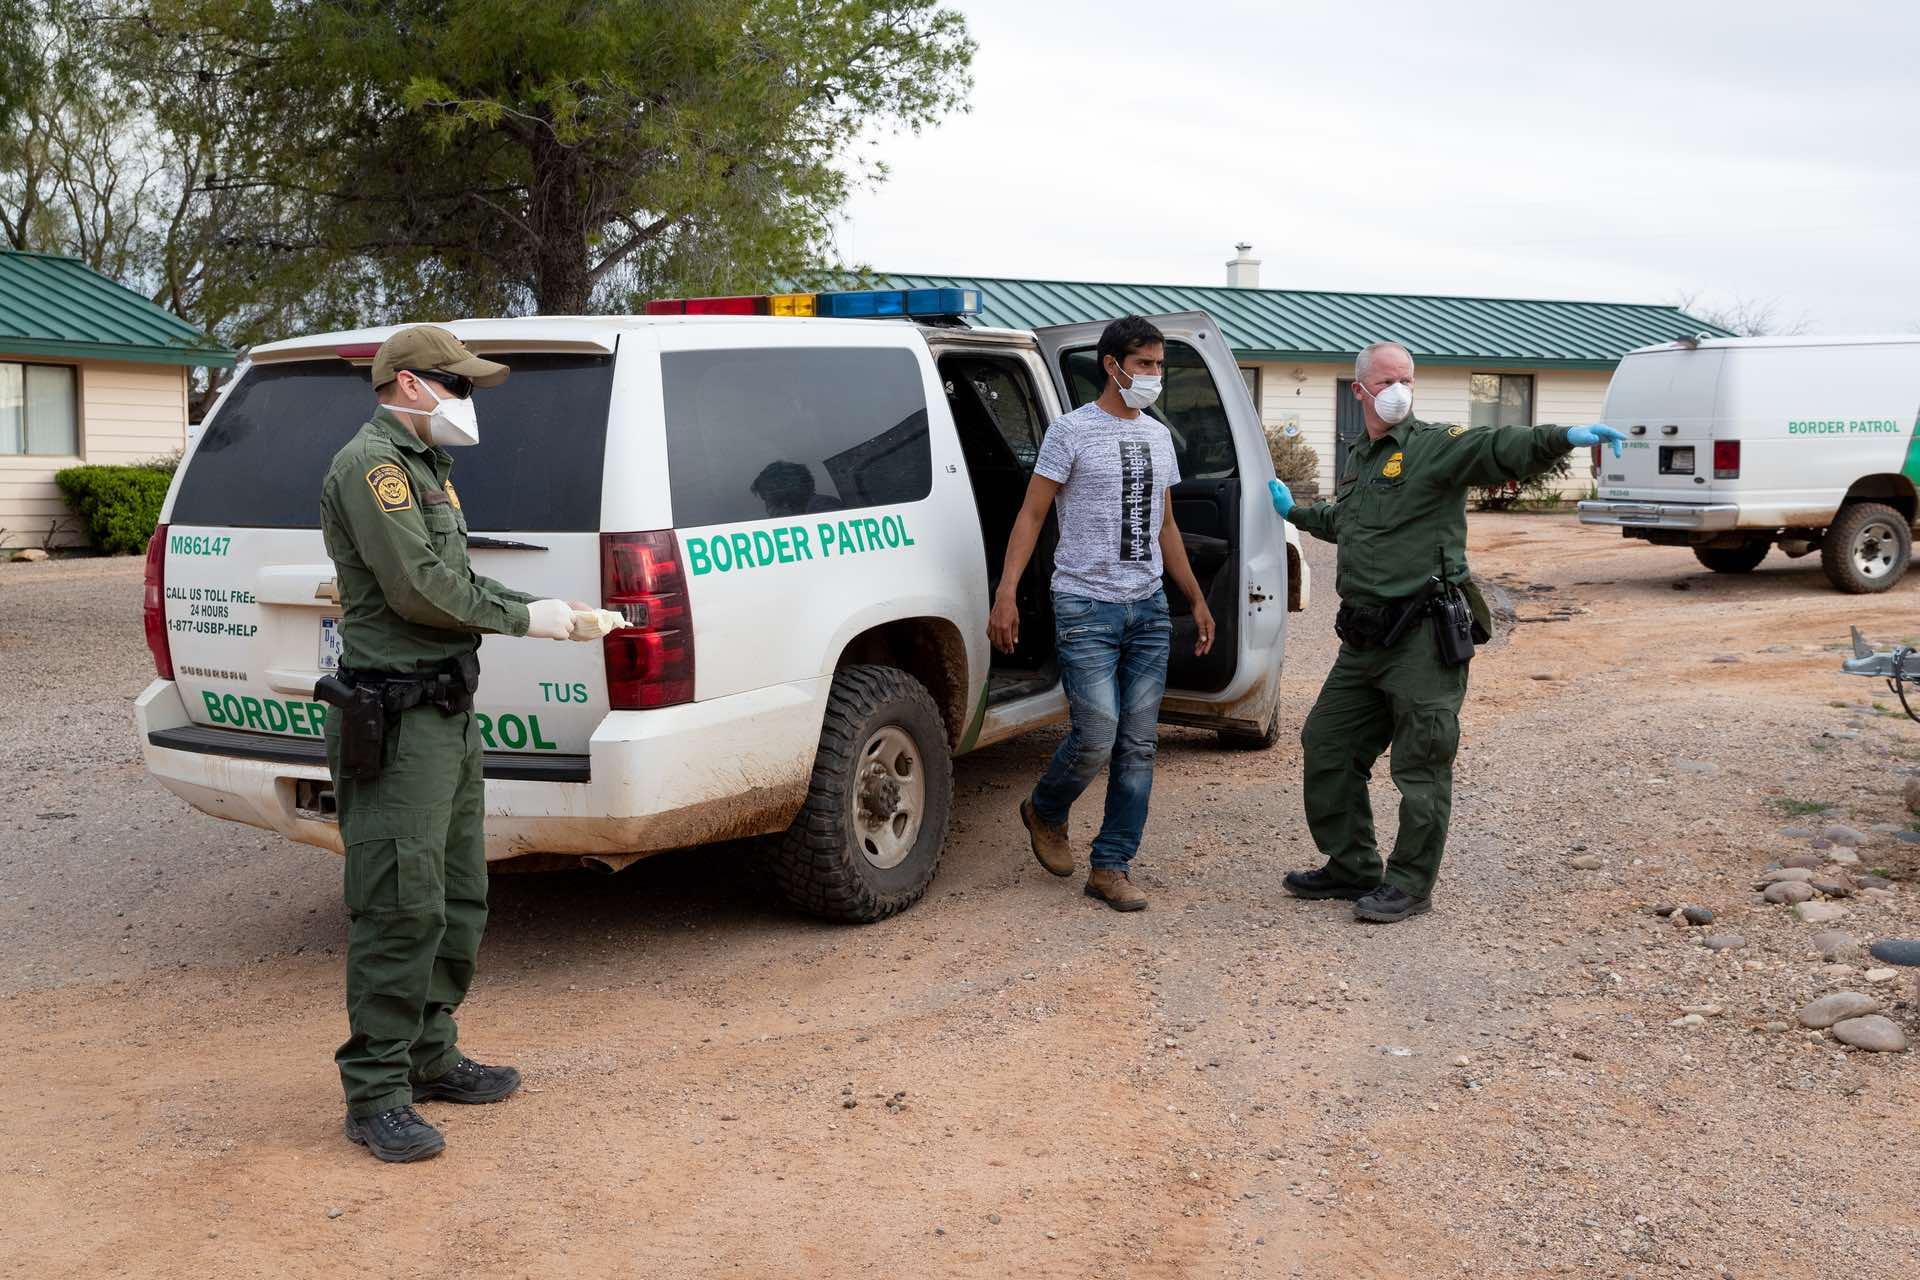 adultos solteros cruzando la frontera